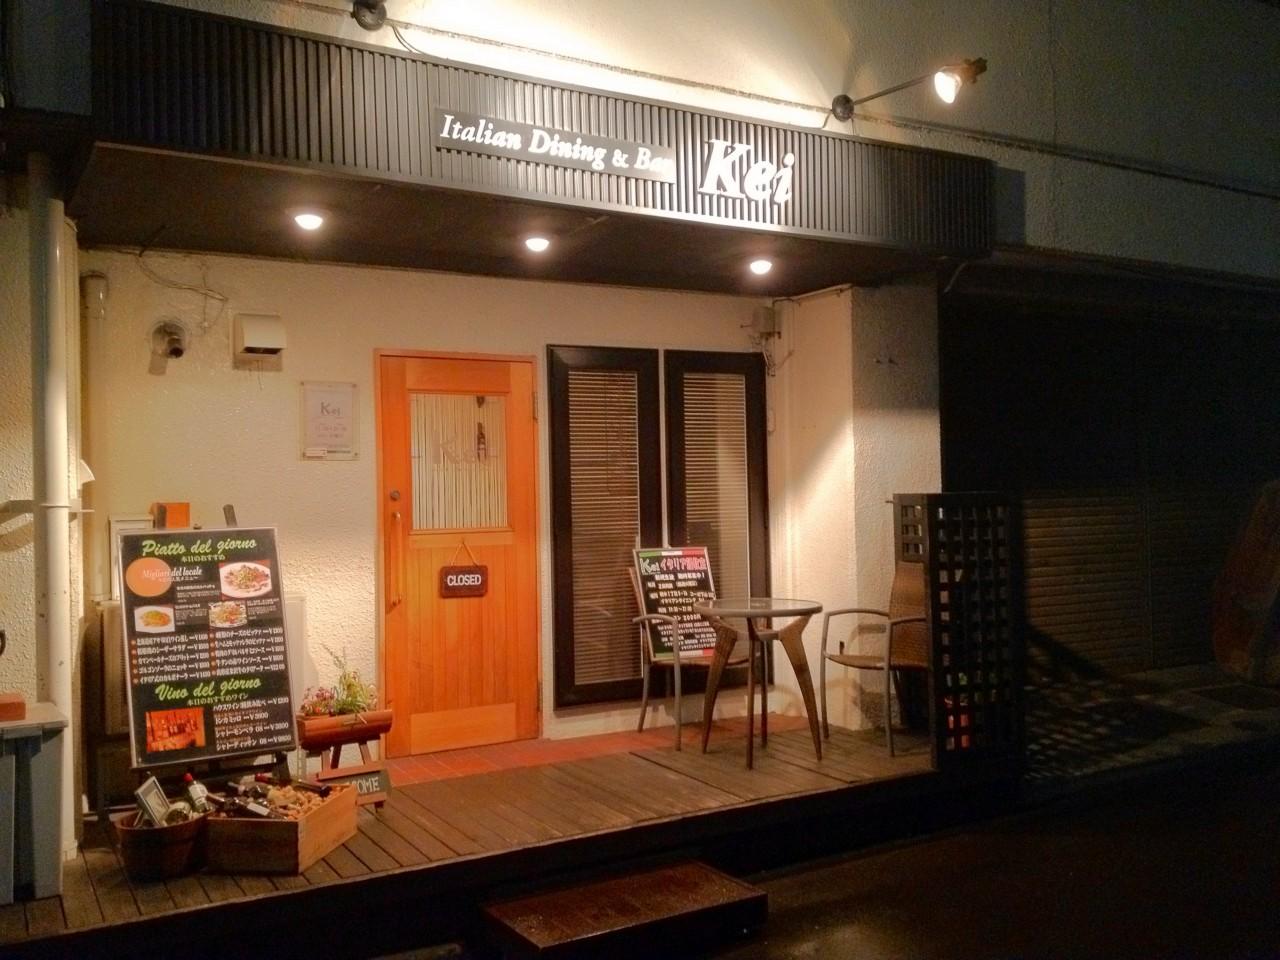 Italian dining & Bar 「Kei」